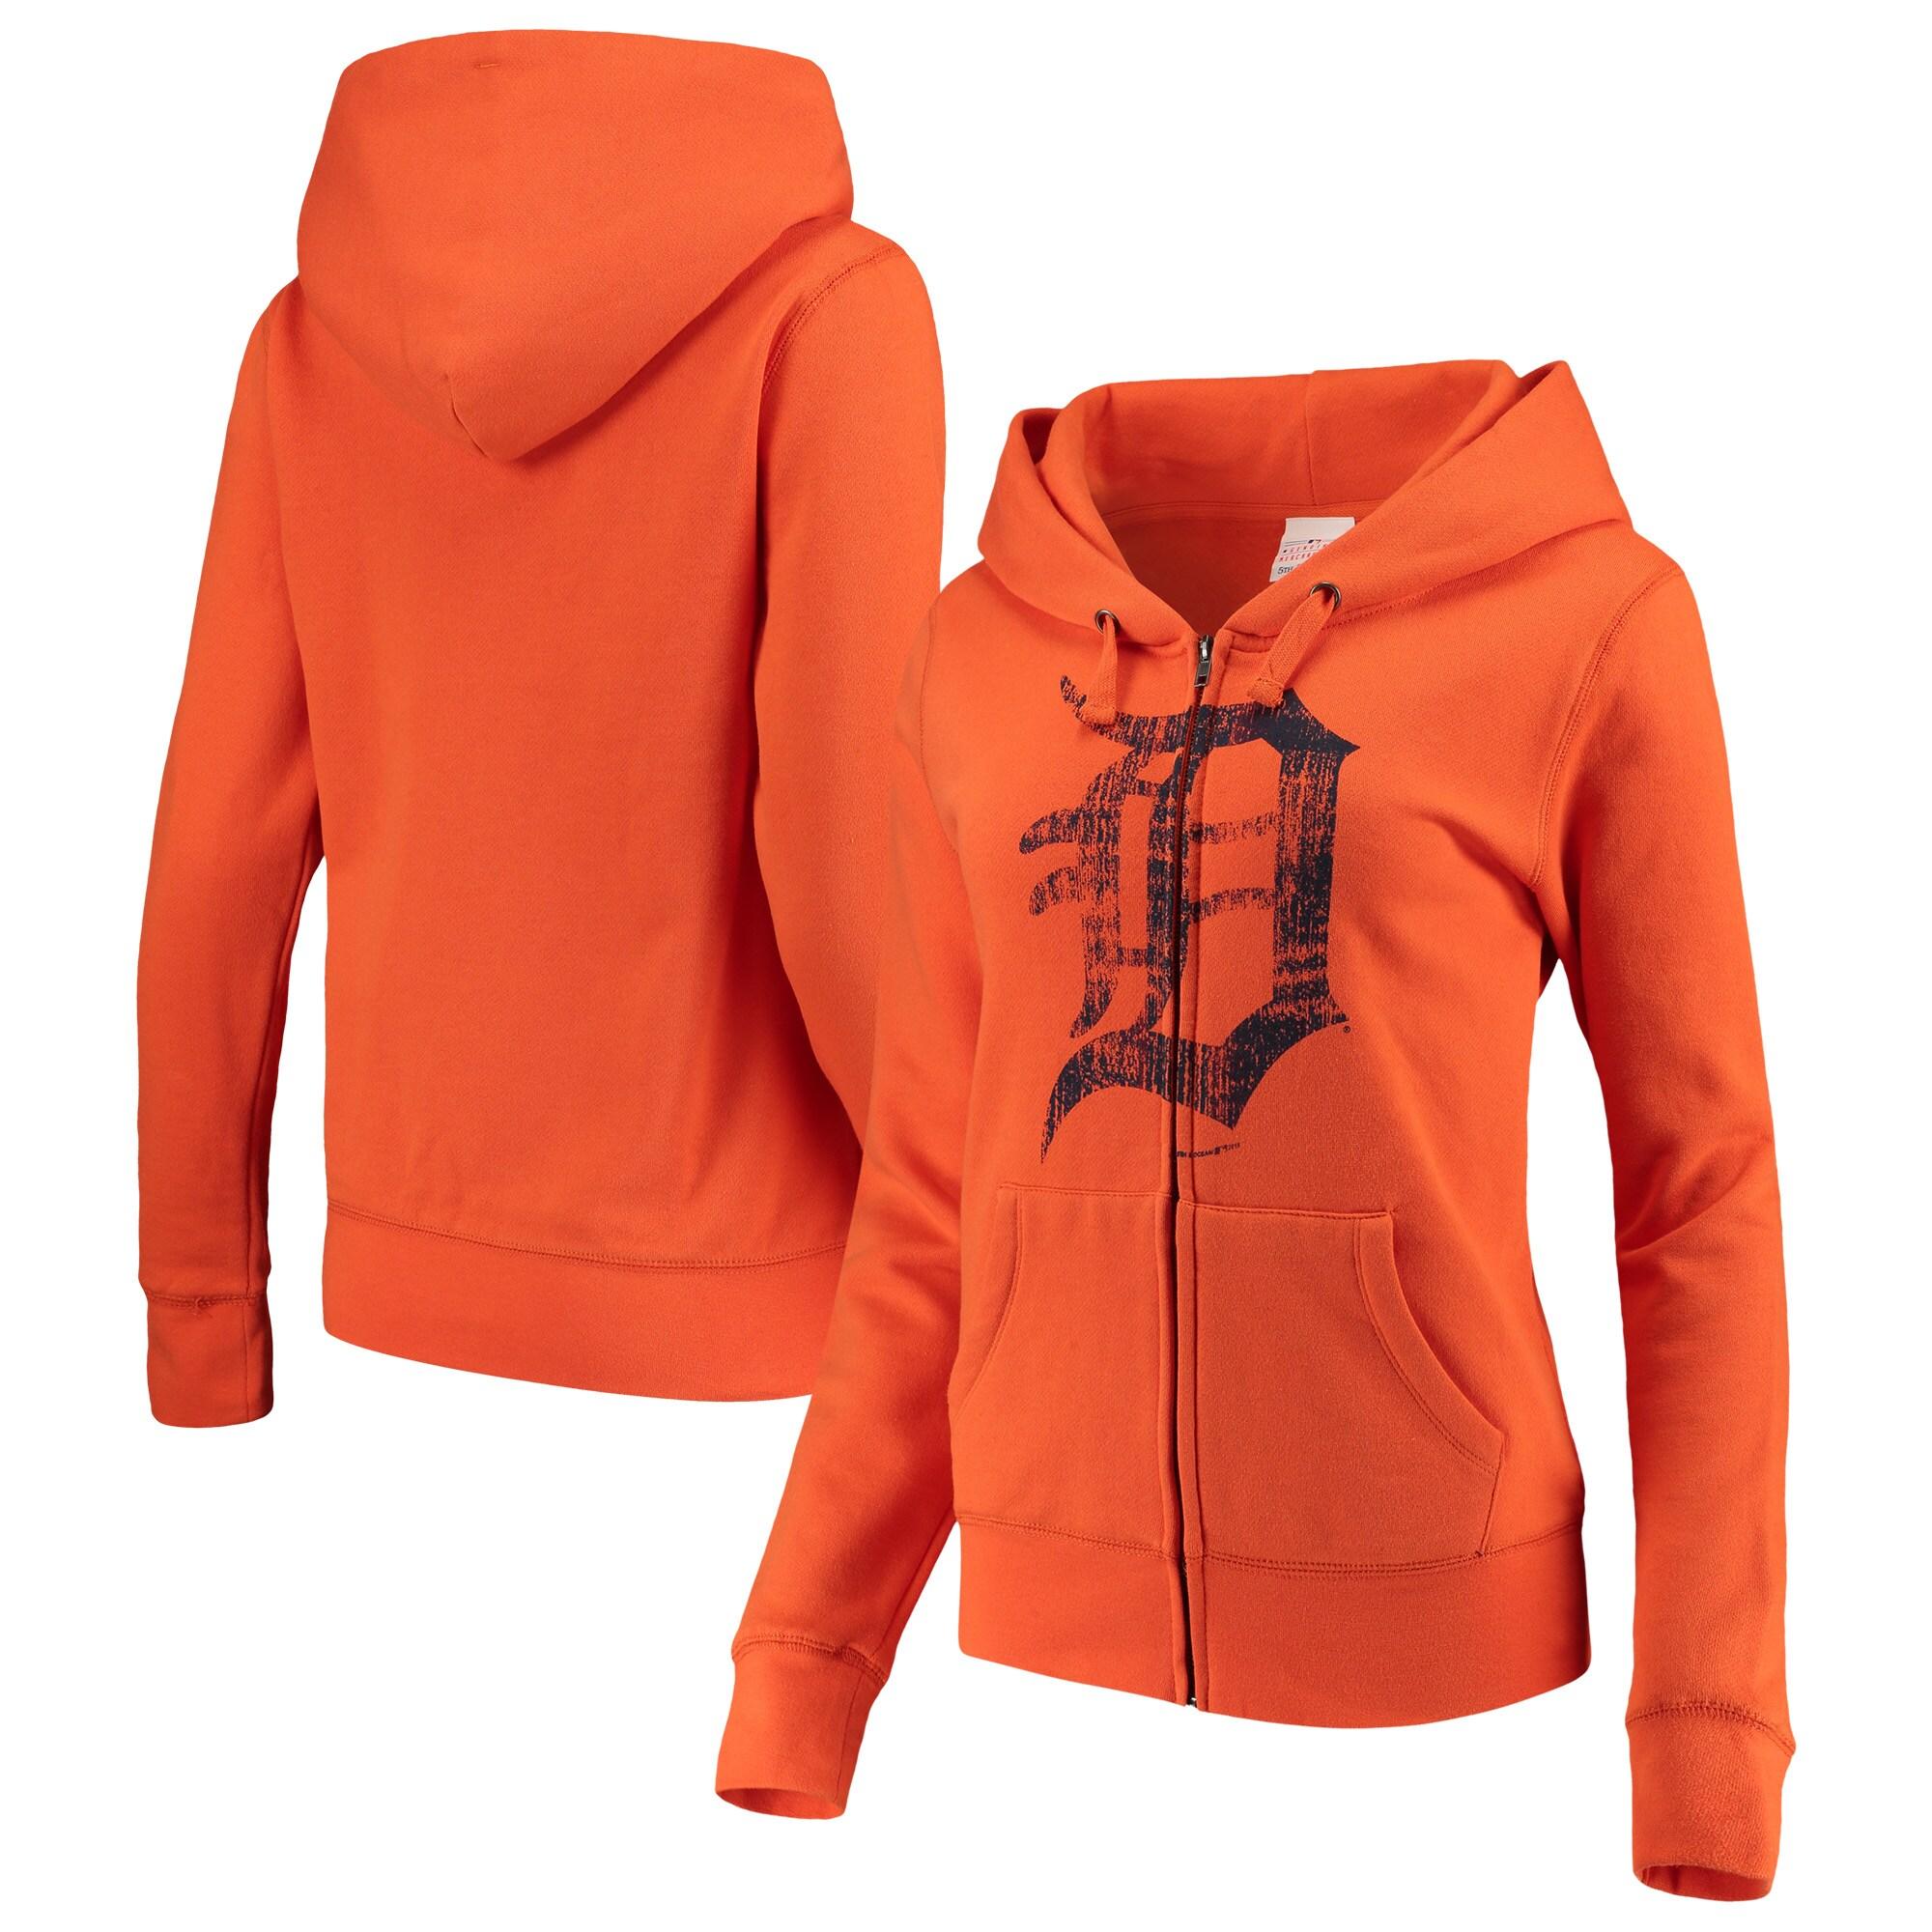 Detroit Tigers 5th & Ocean by New Era Women's Core Fleece Hoodie - Orange